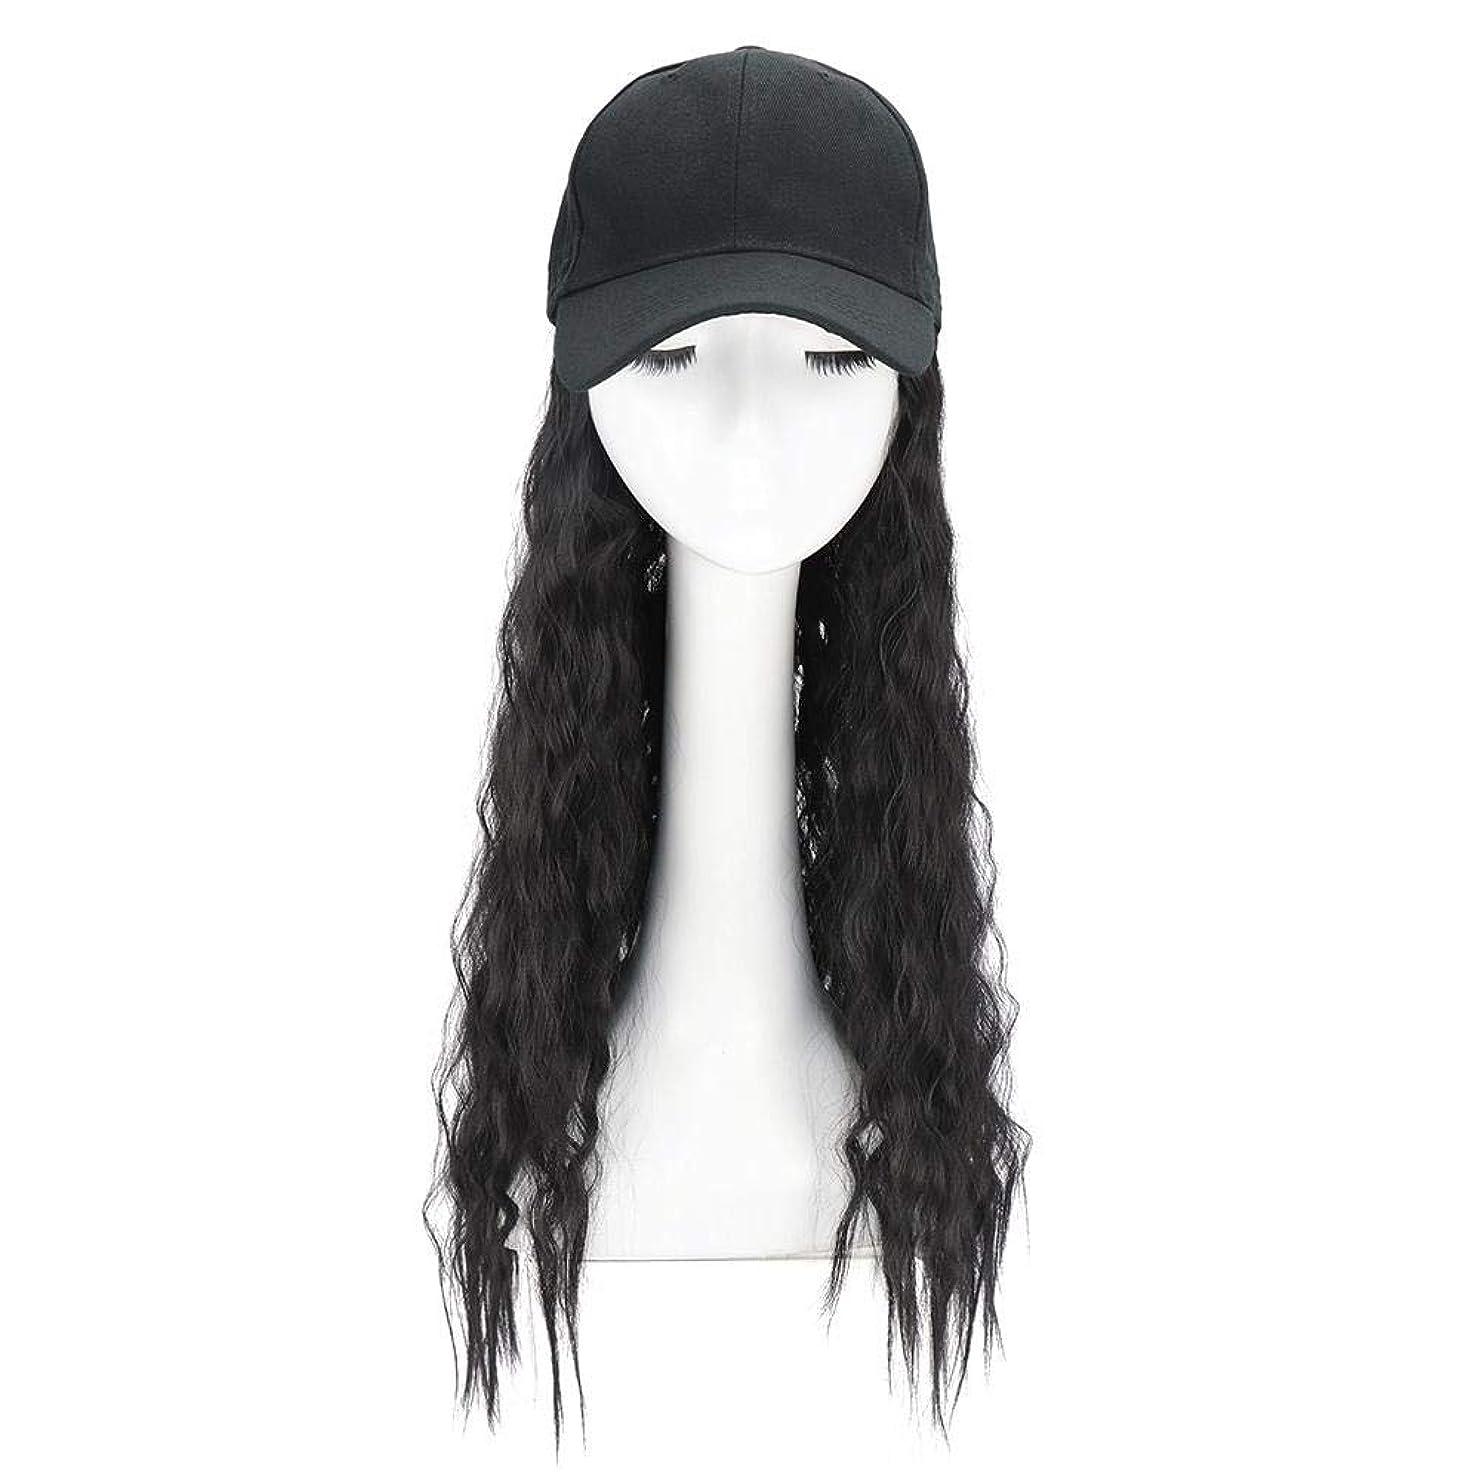 極貧どれでもフィットBrill(ブリーオ)帽子ロングカーリーウェーブ女性ファッション野球帽ブラックウィッグ